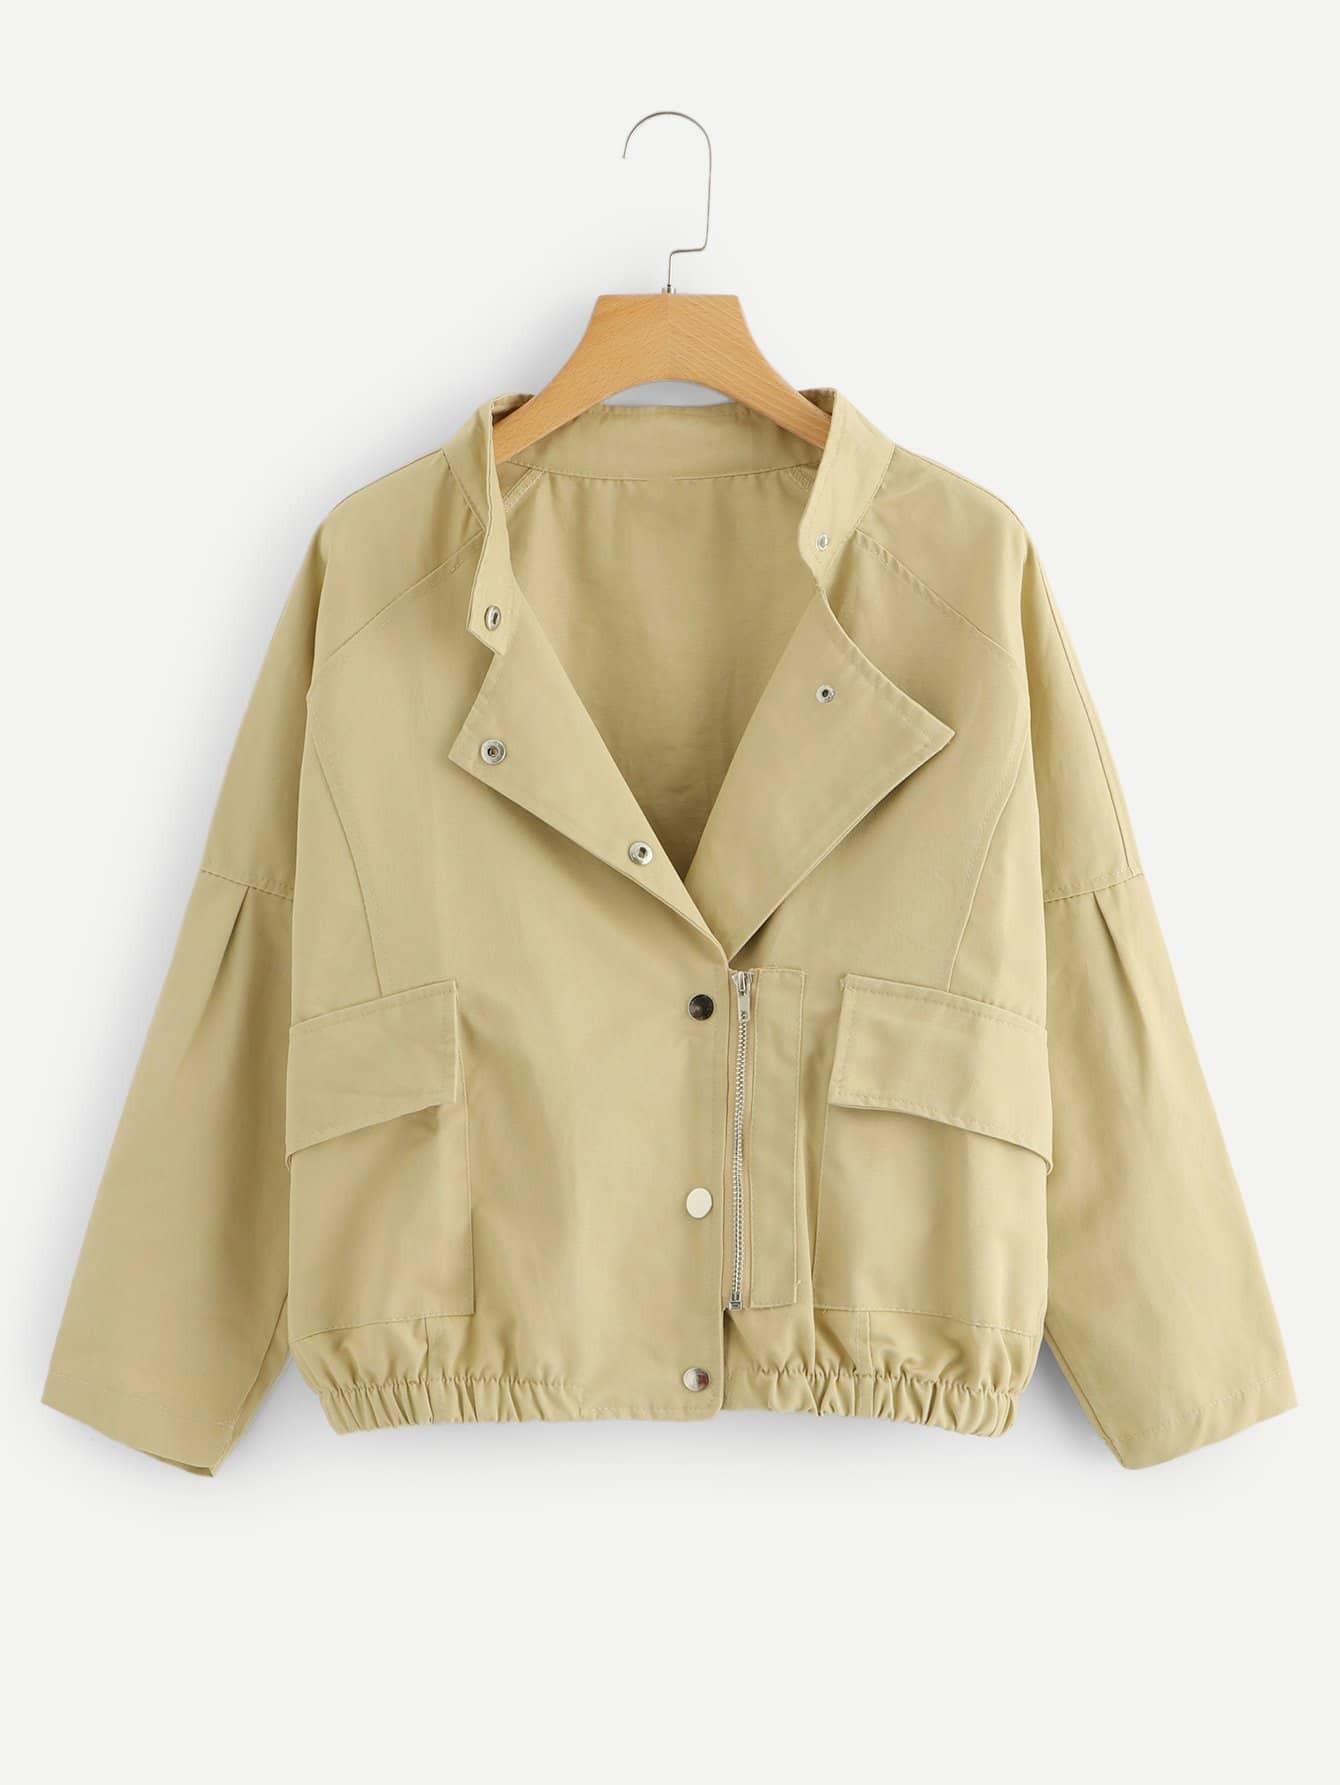 Купить Повседневный Одноцветный на молнии Абрикосовый Жакеты + Куртки, null, SheIn